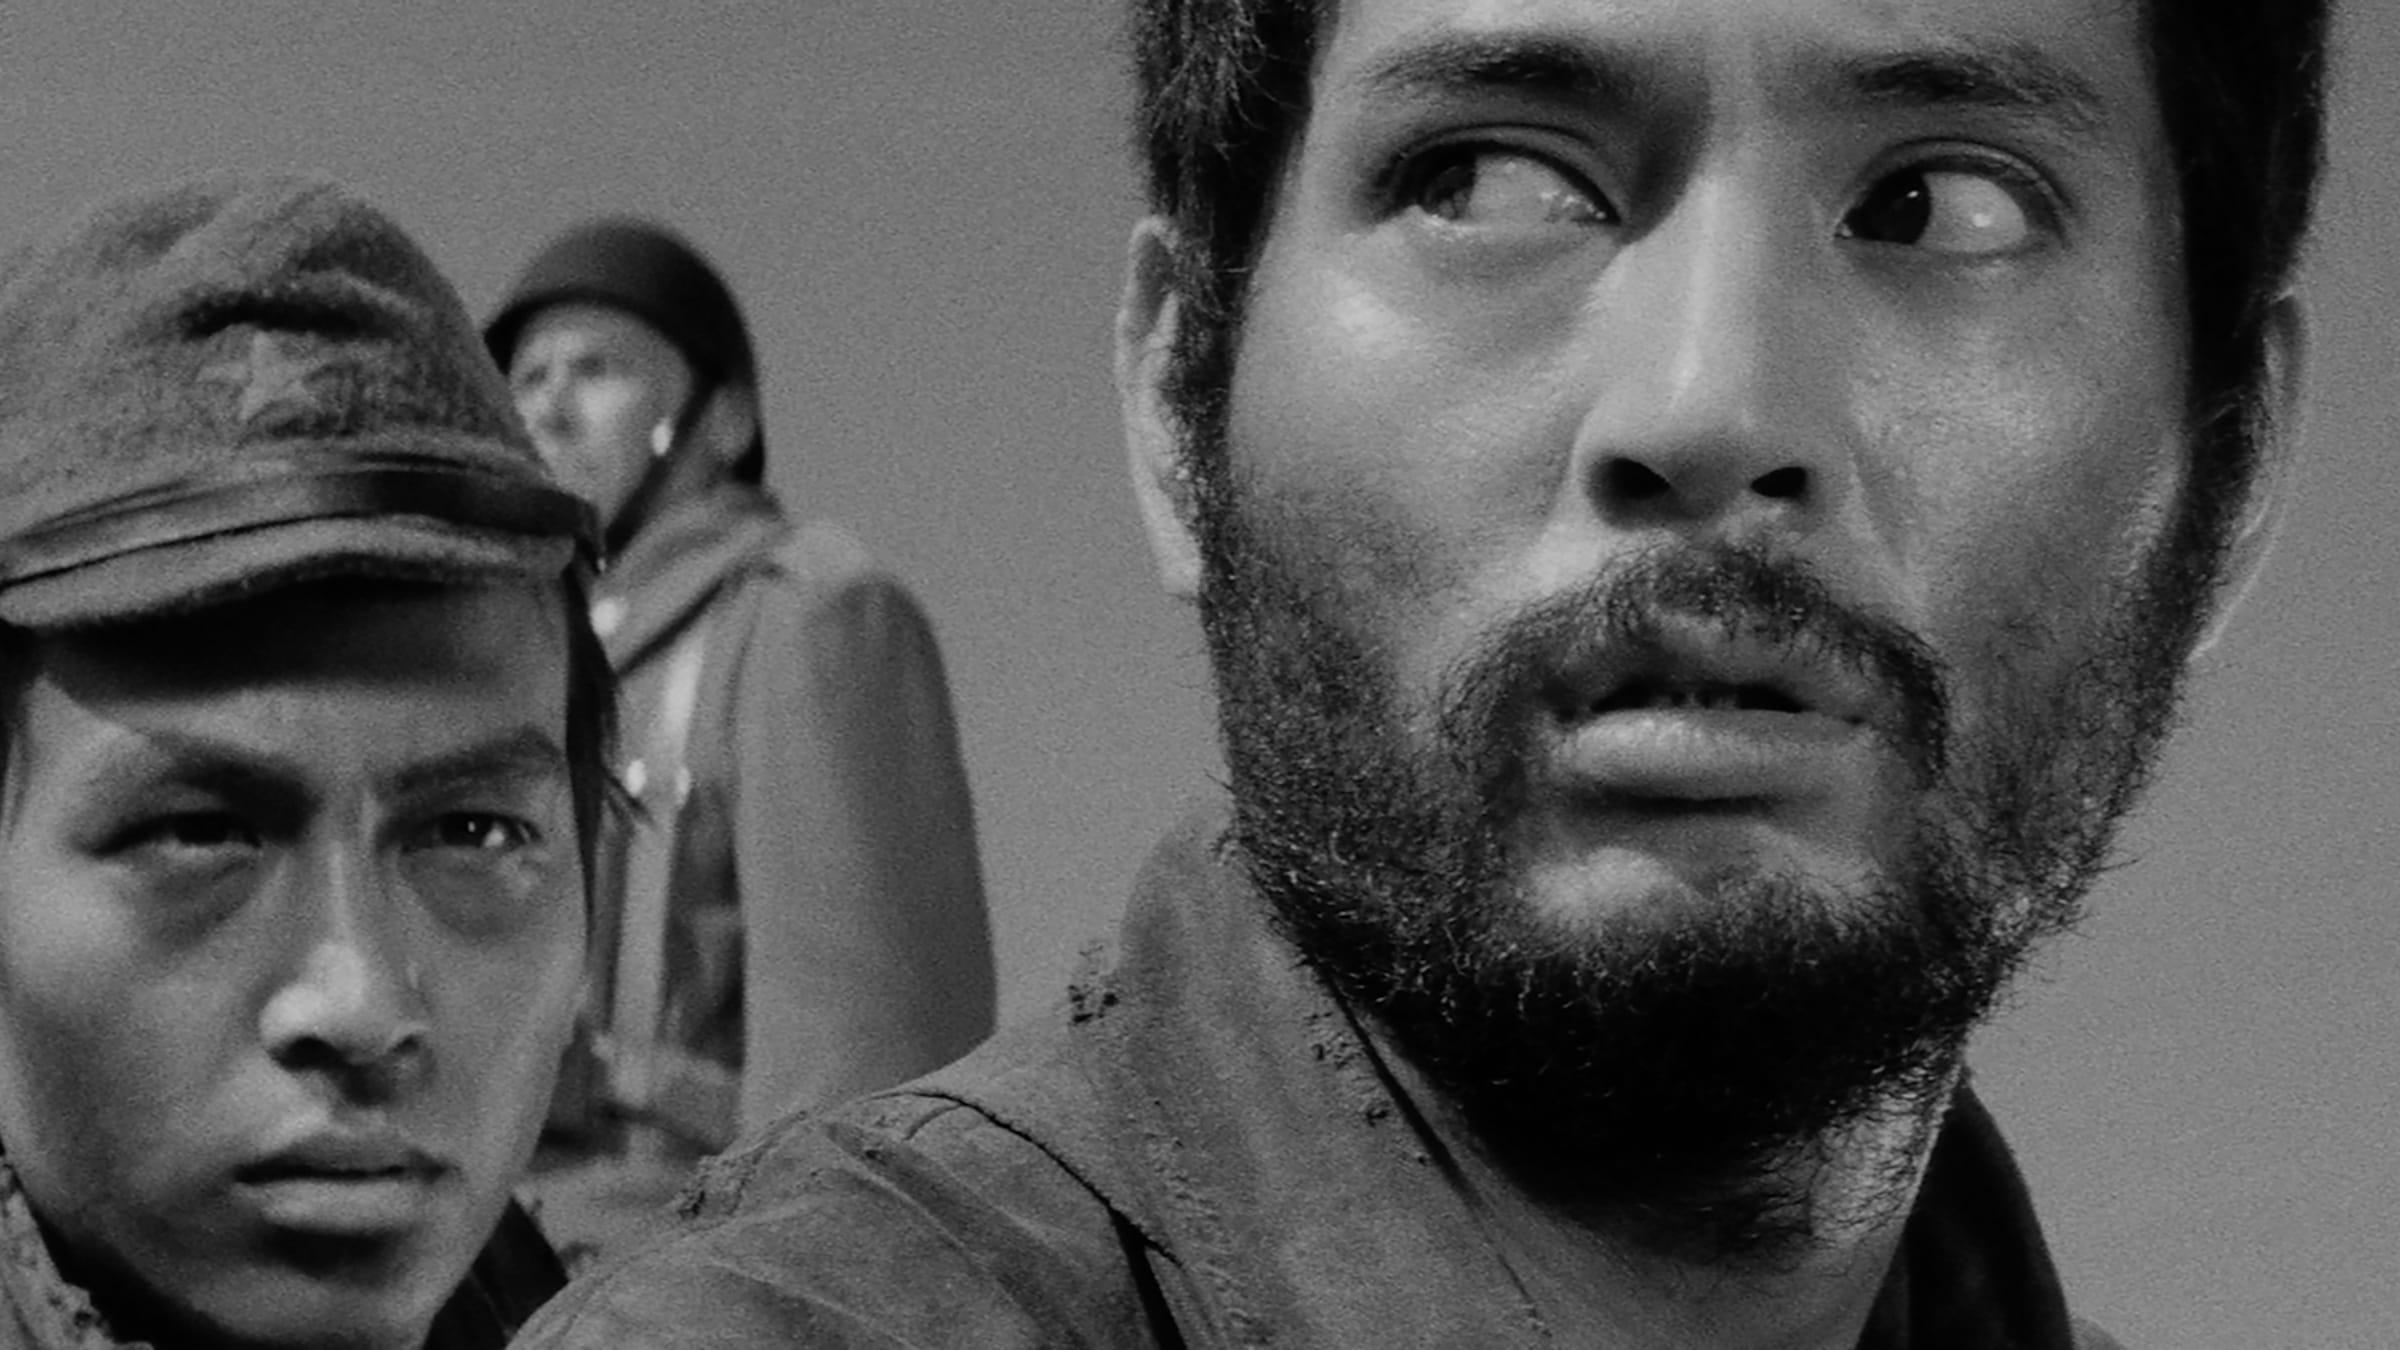 <em>The Human Condition</em><em>: </em>The Prisoner